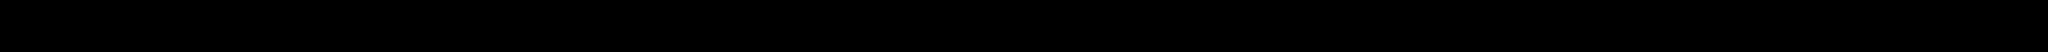 SKF 1J0 498 625, 1J0 498 625 A, 1J0 598 625, 1J0 498 625, 1J0 598 625 Sada lozisek kol